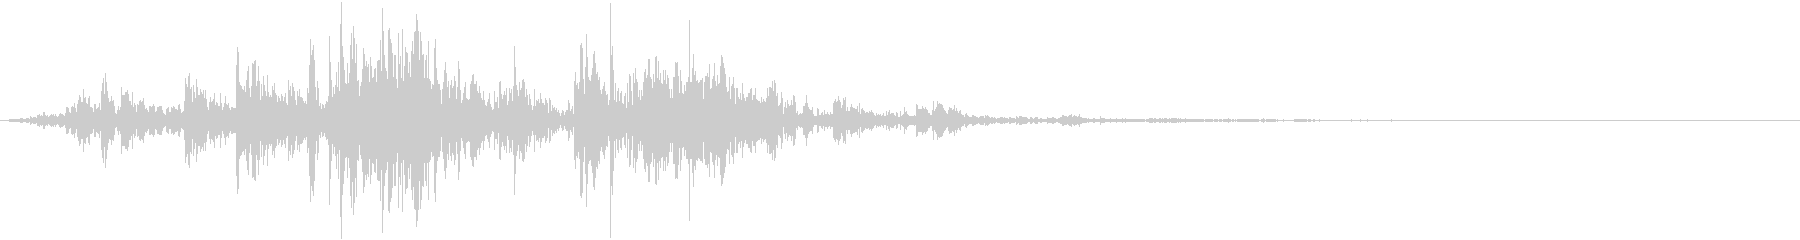 鎖を動かす音12【短い】の未再生の波形